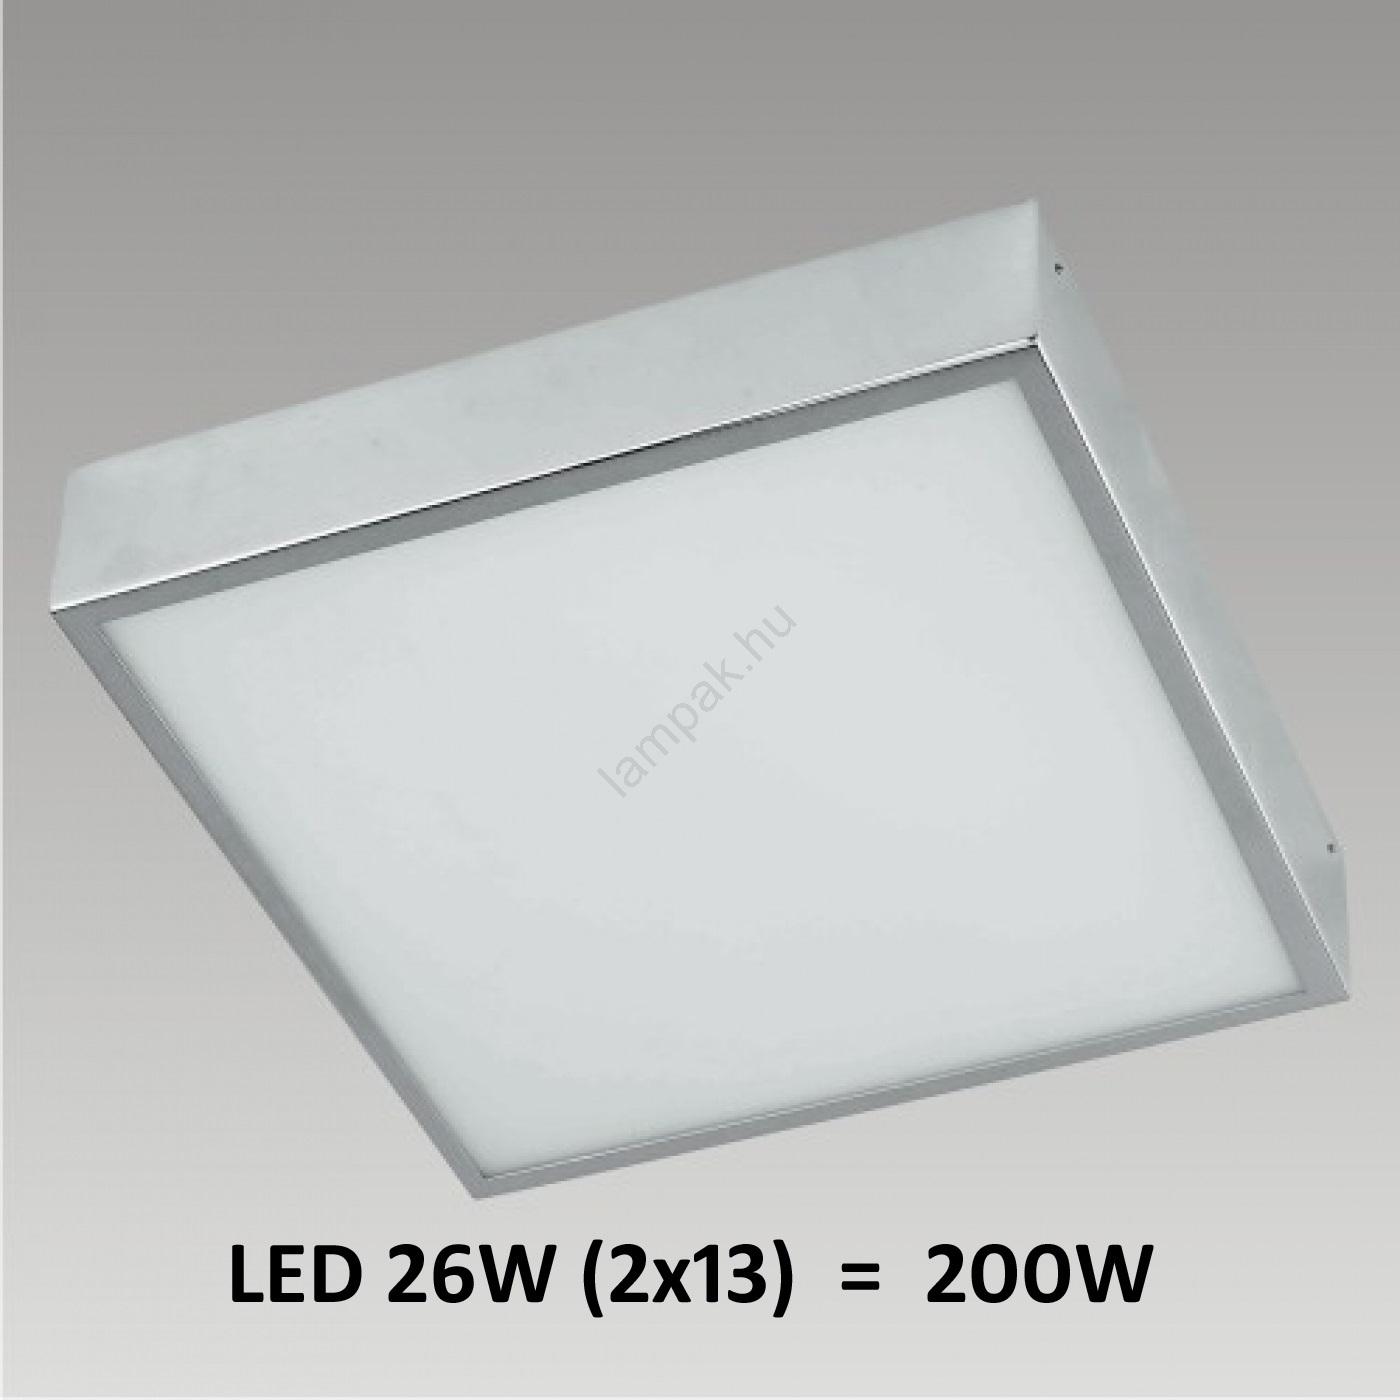 PREZENT LED8035 - FALCON LED-es fürdőszobai fali/mennyezeti lámpa 2xLED/13W IP44  lampak.hu